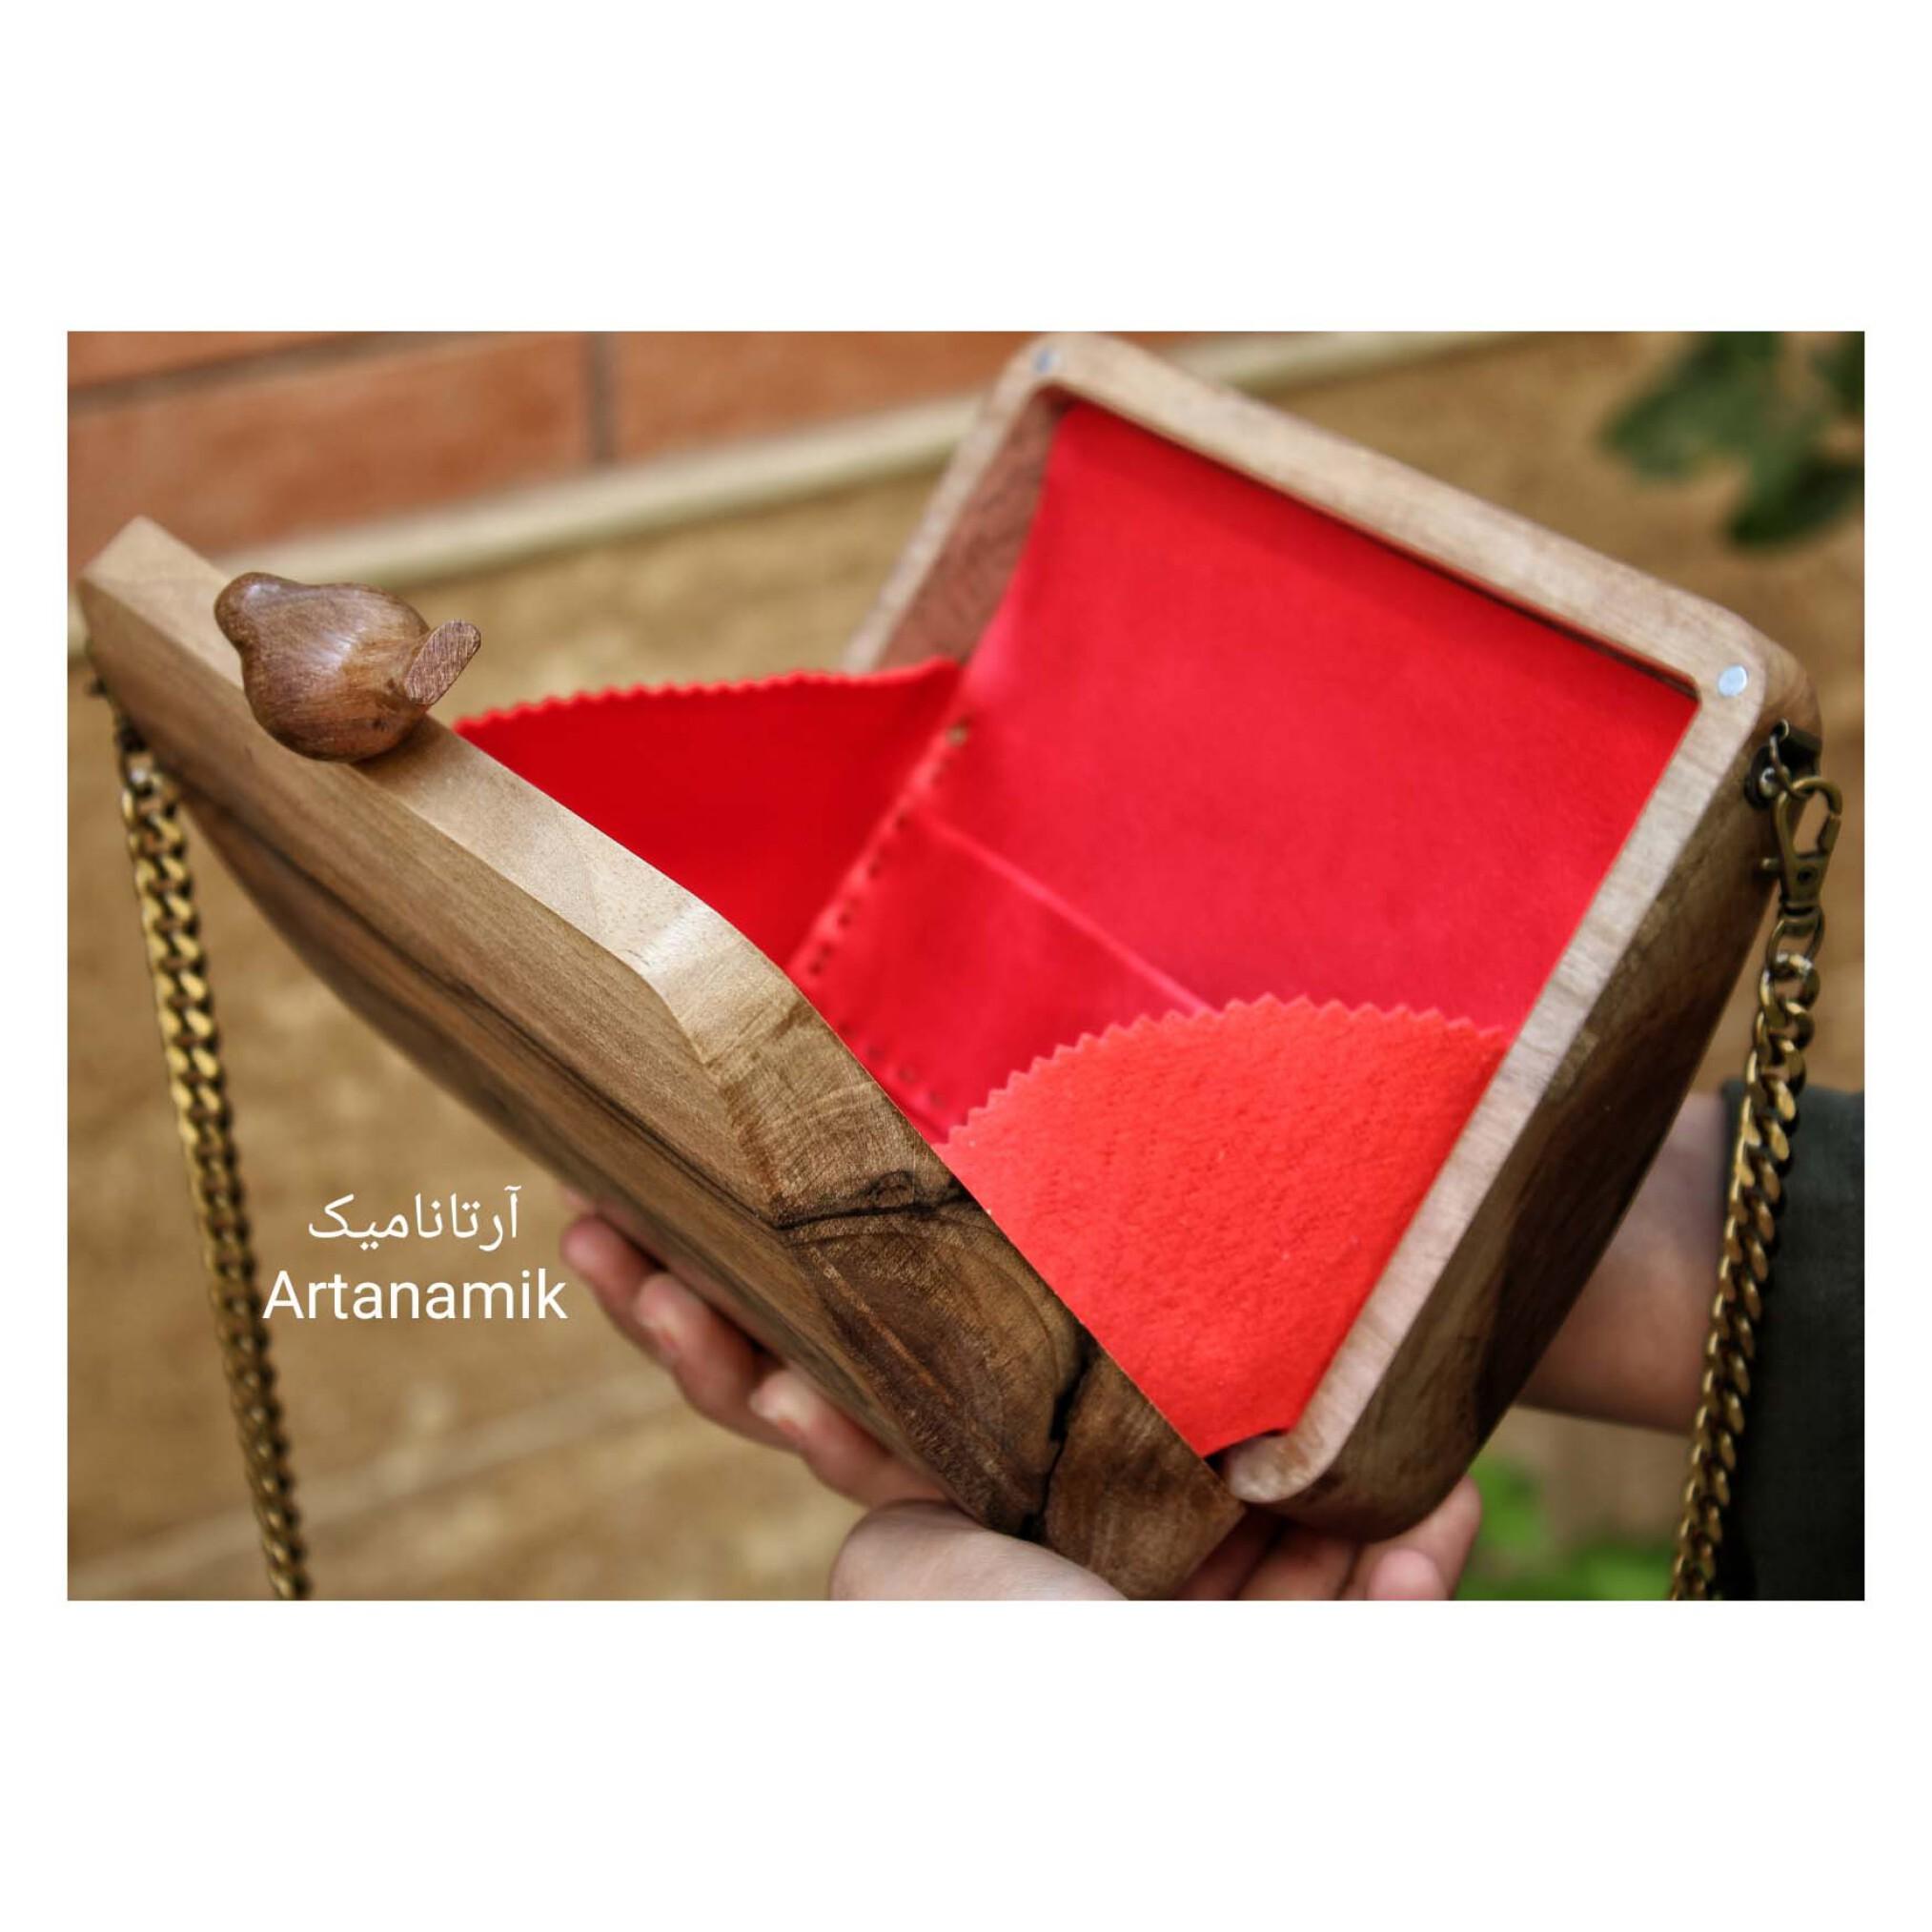 کیف چوبی کادویی طرح مرغ آمین، چرم دوزی شده و ساخته شده از چوب گردو